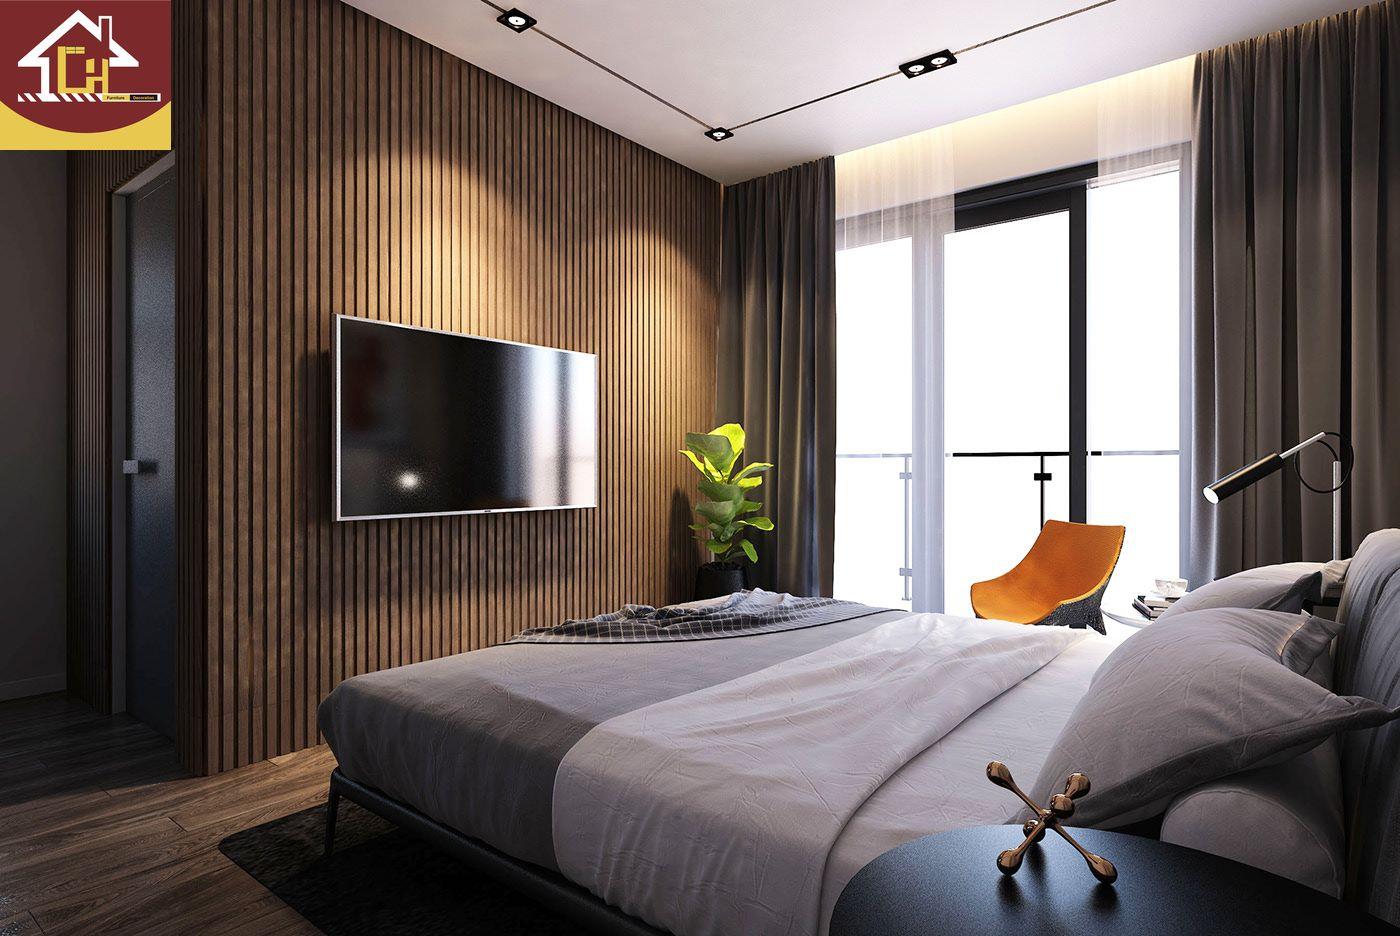 Thiết kế thi công nội thất biệt thự tại Vinhomes Thăng Long